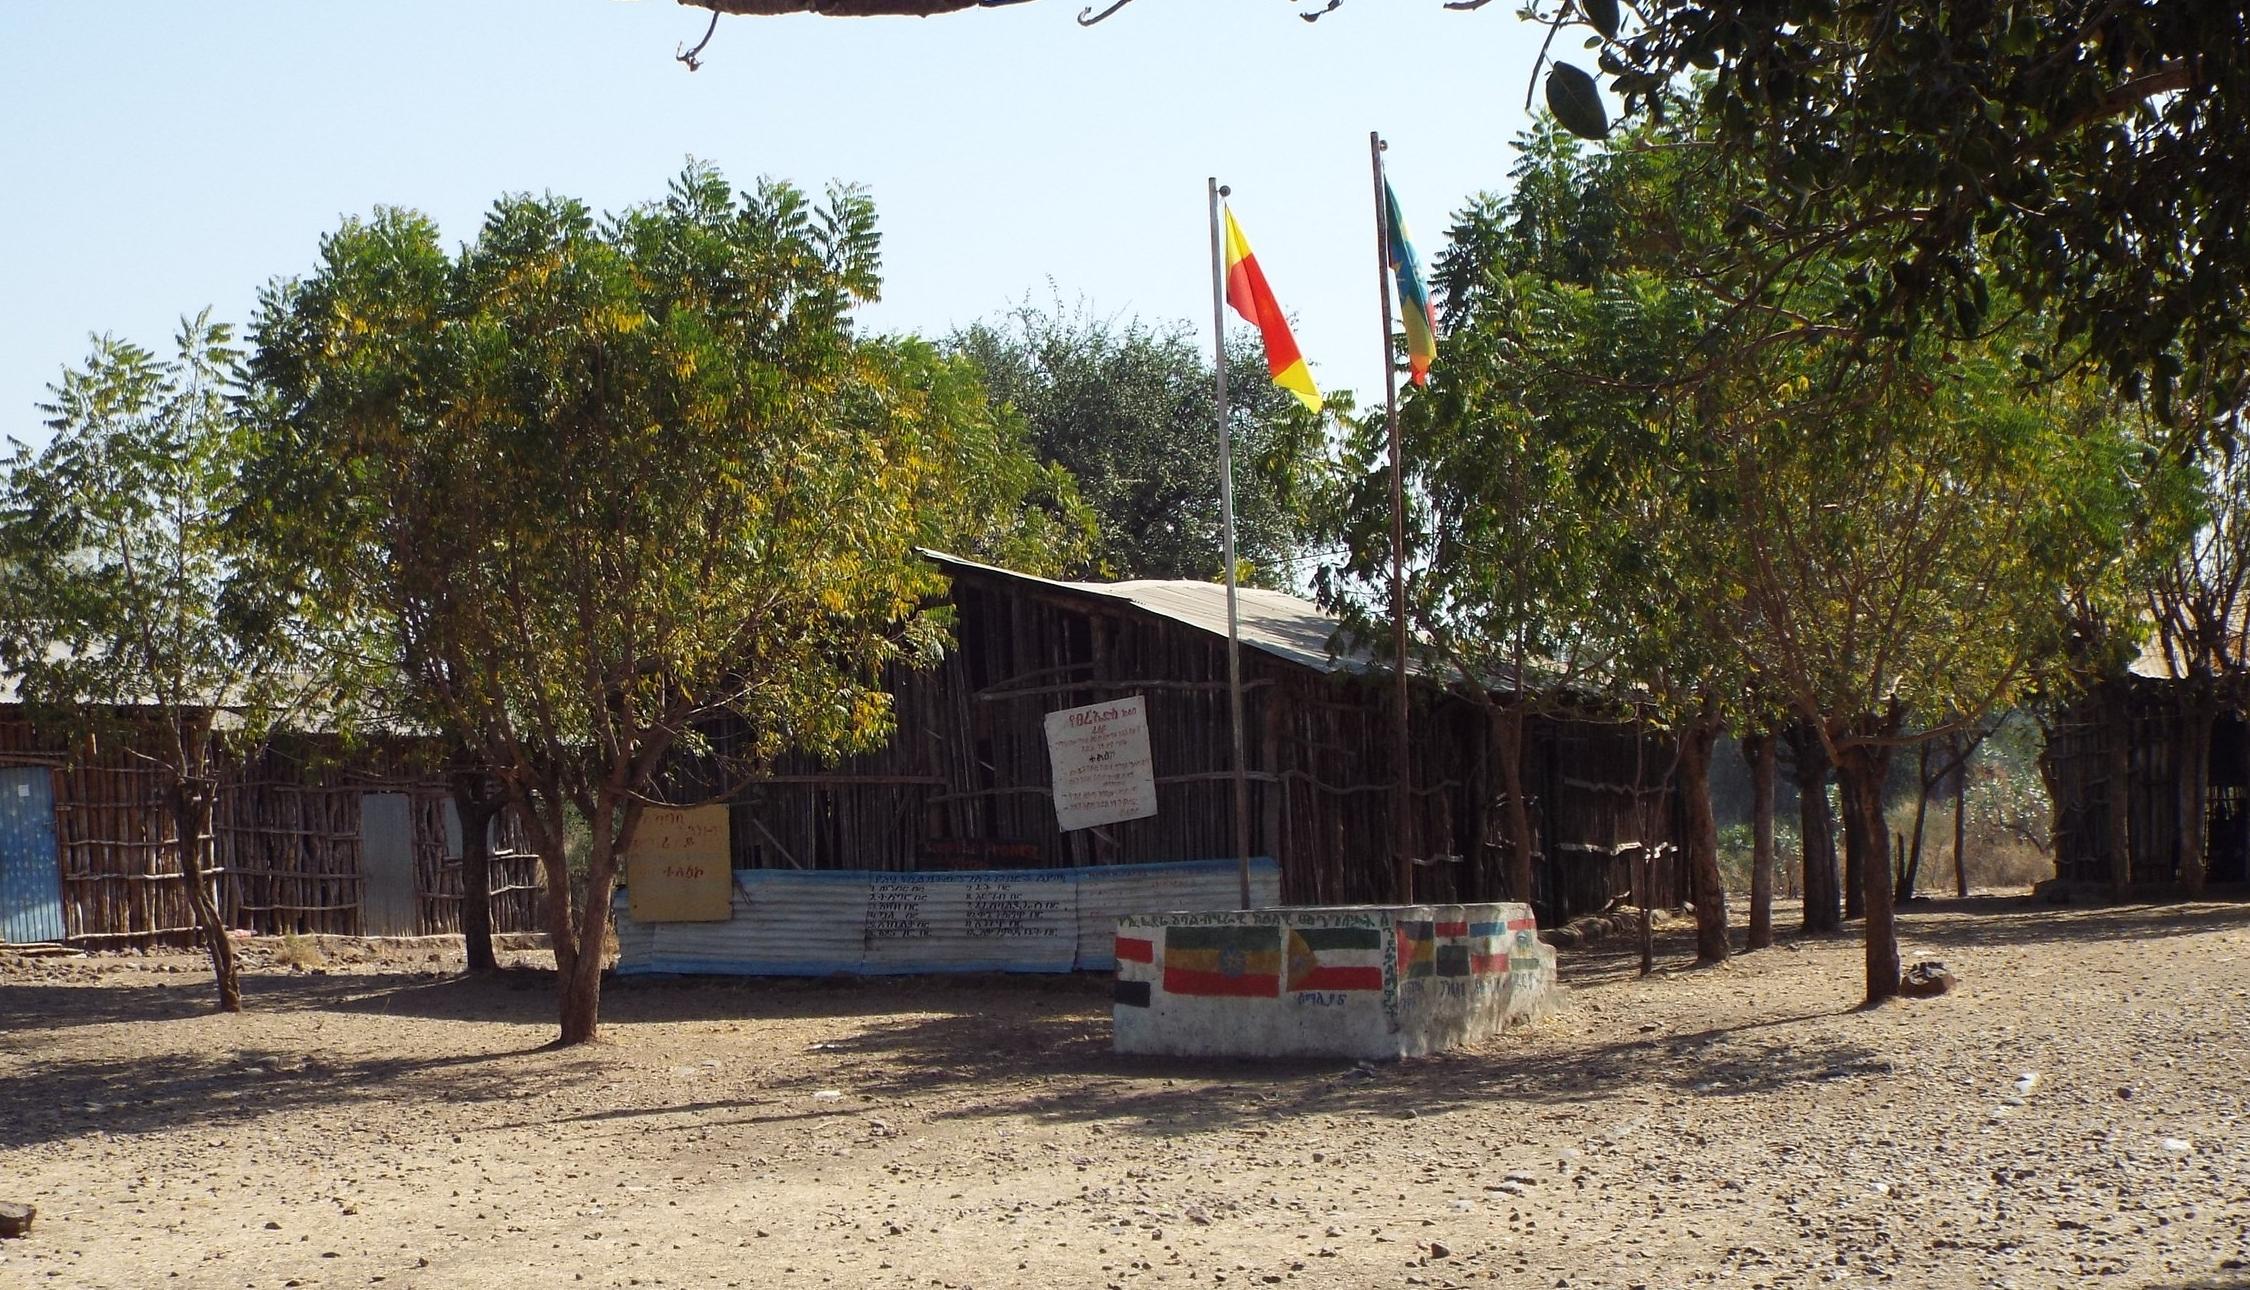 Tumet General Primary School in Tumet, Ethiopia